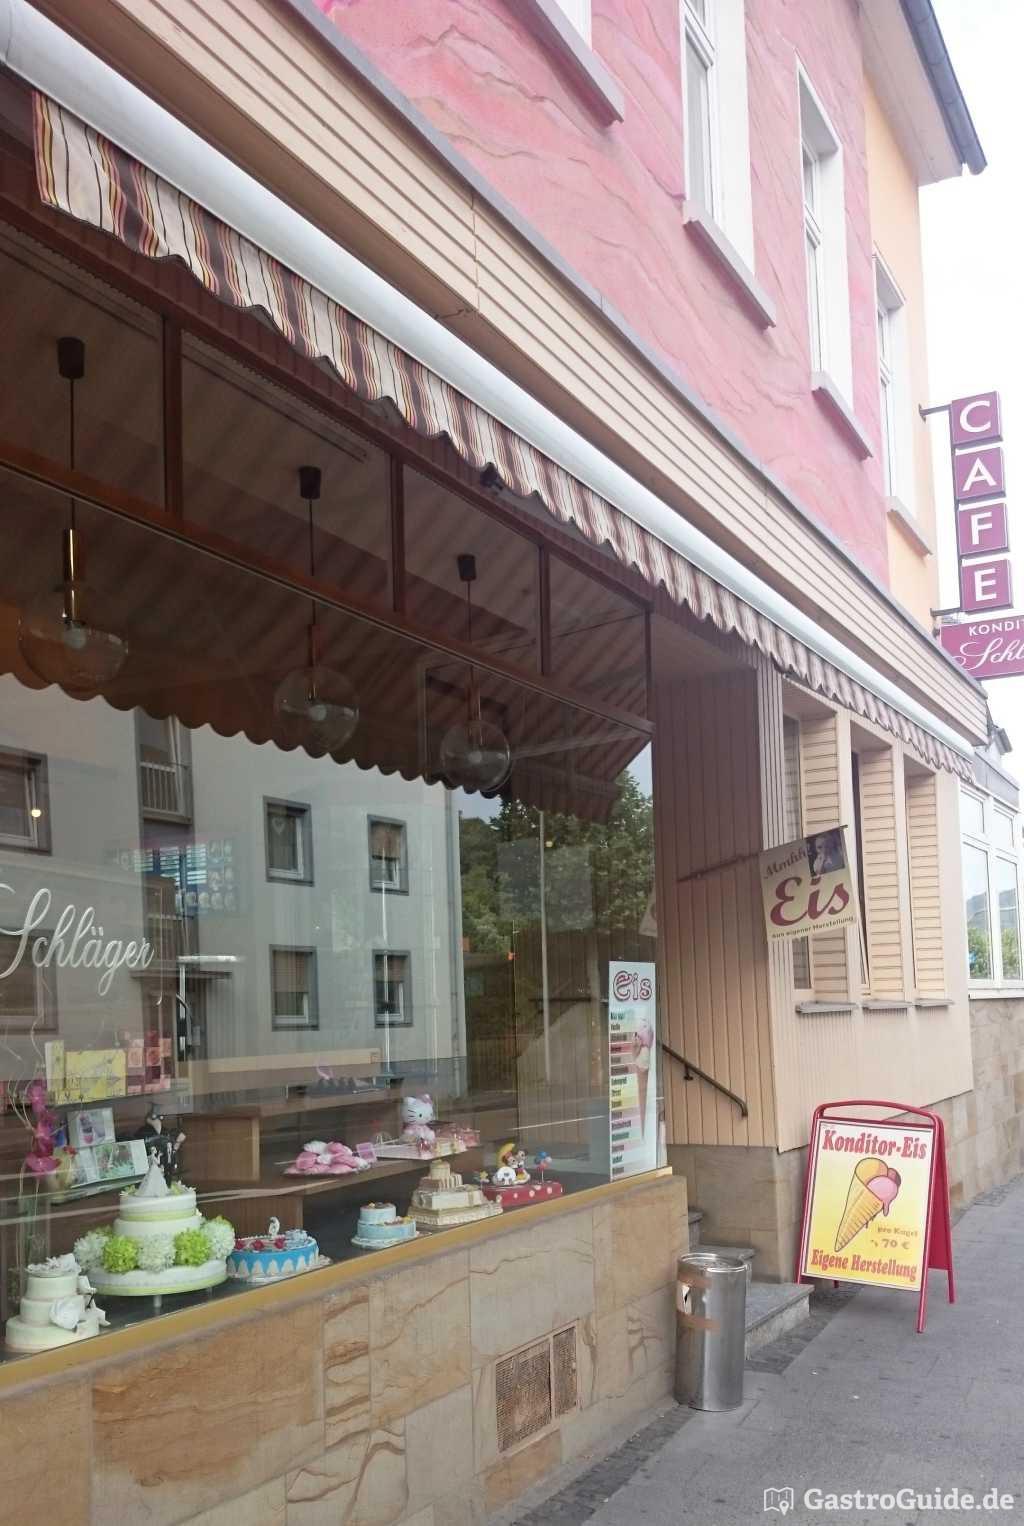 cafe schl ger cafe eiscafe konditorei in 55606 kirn. Black Bedroom Furniture Sets. Home Design Ideas